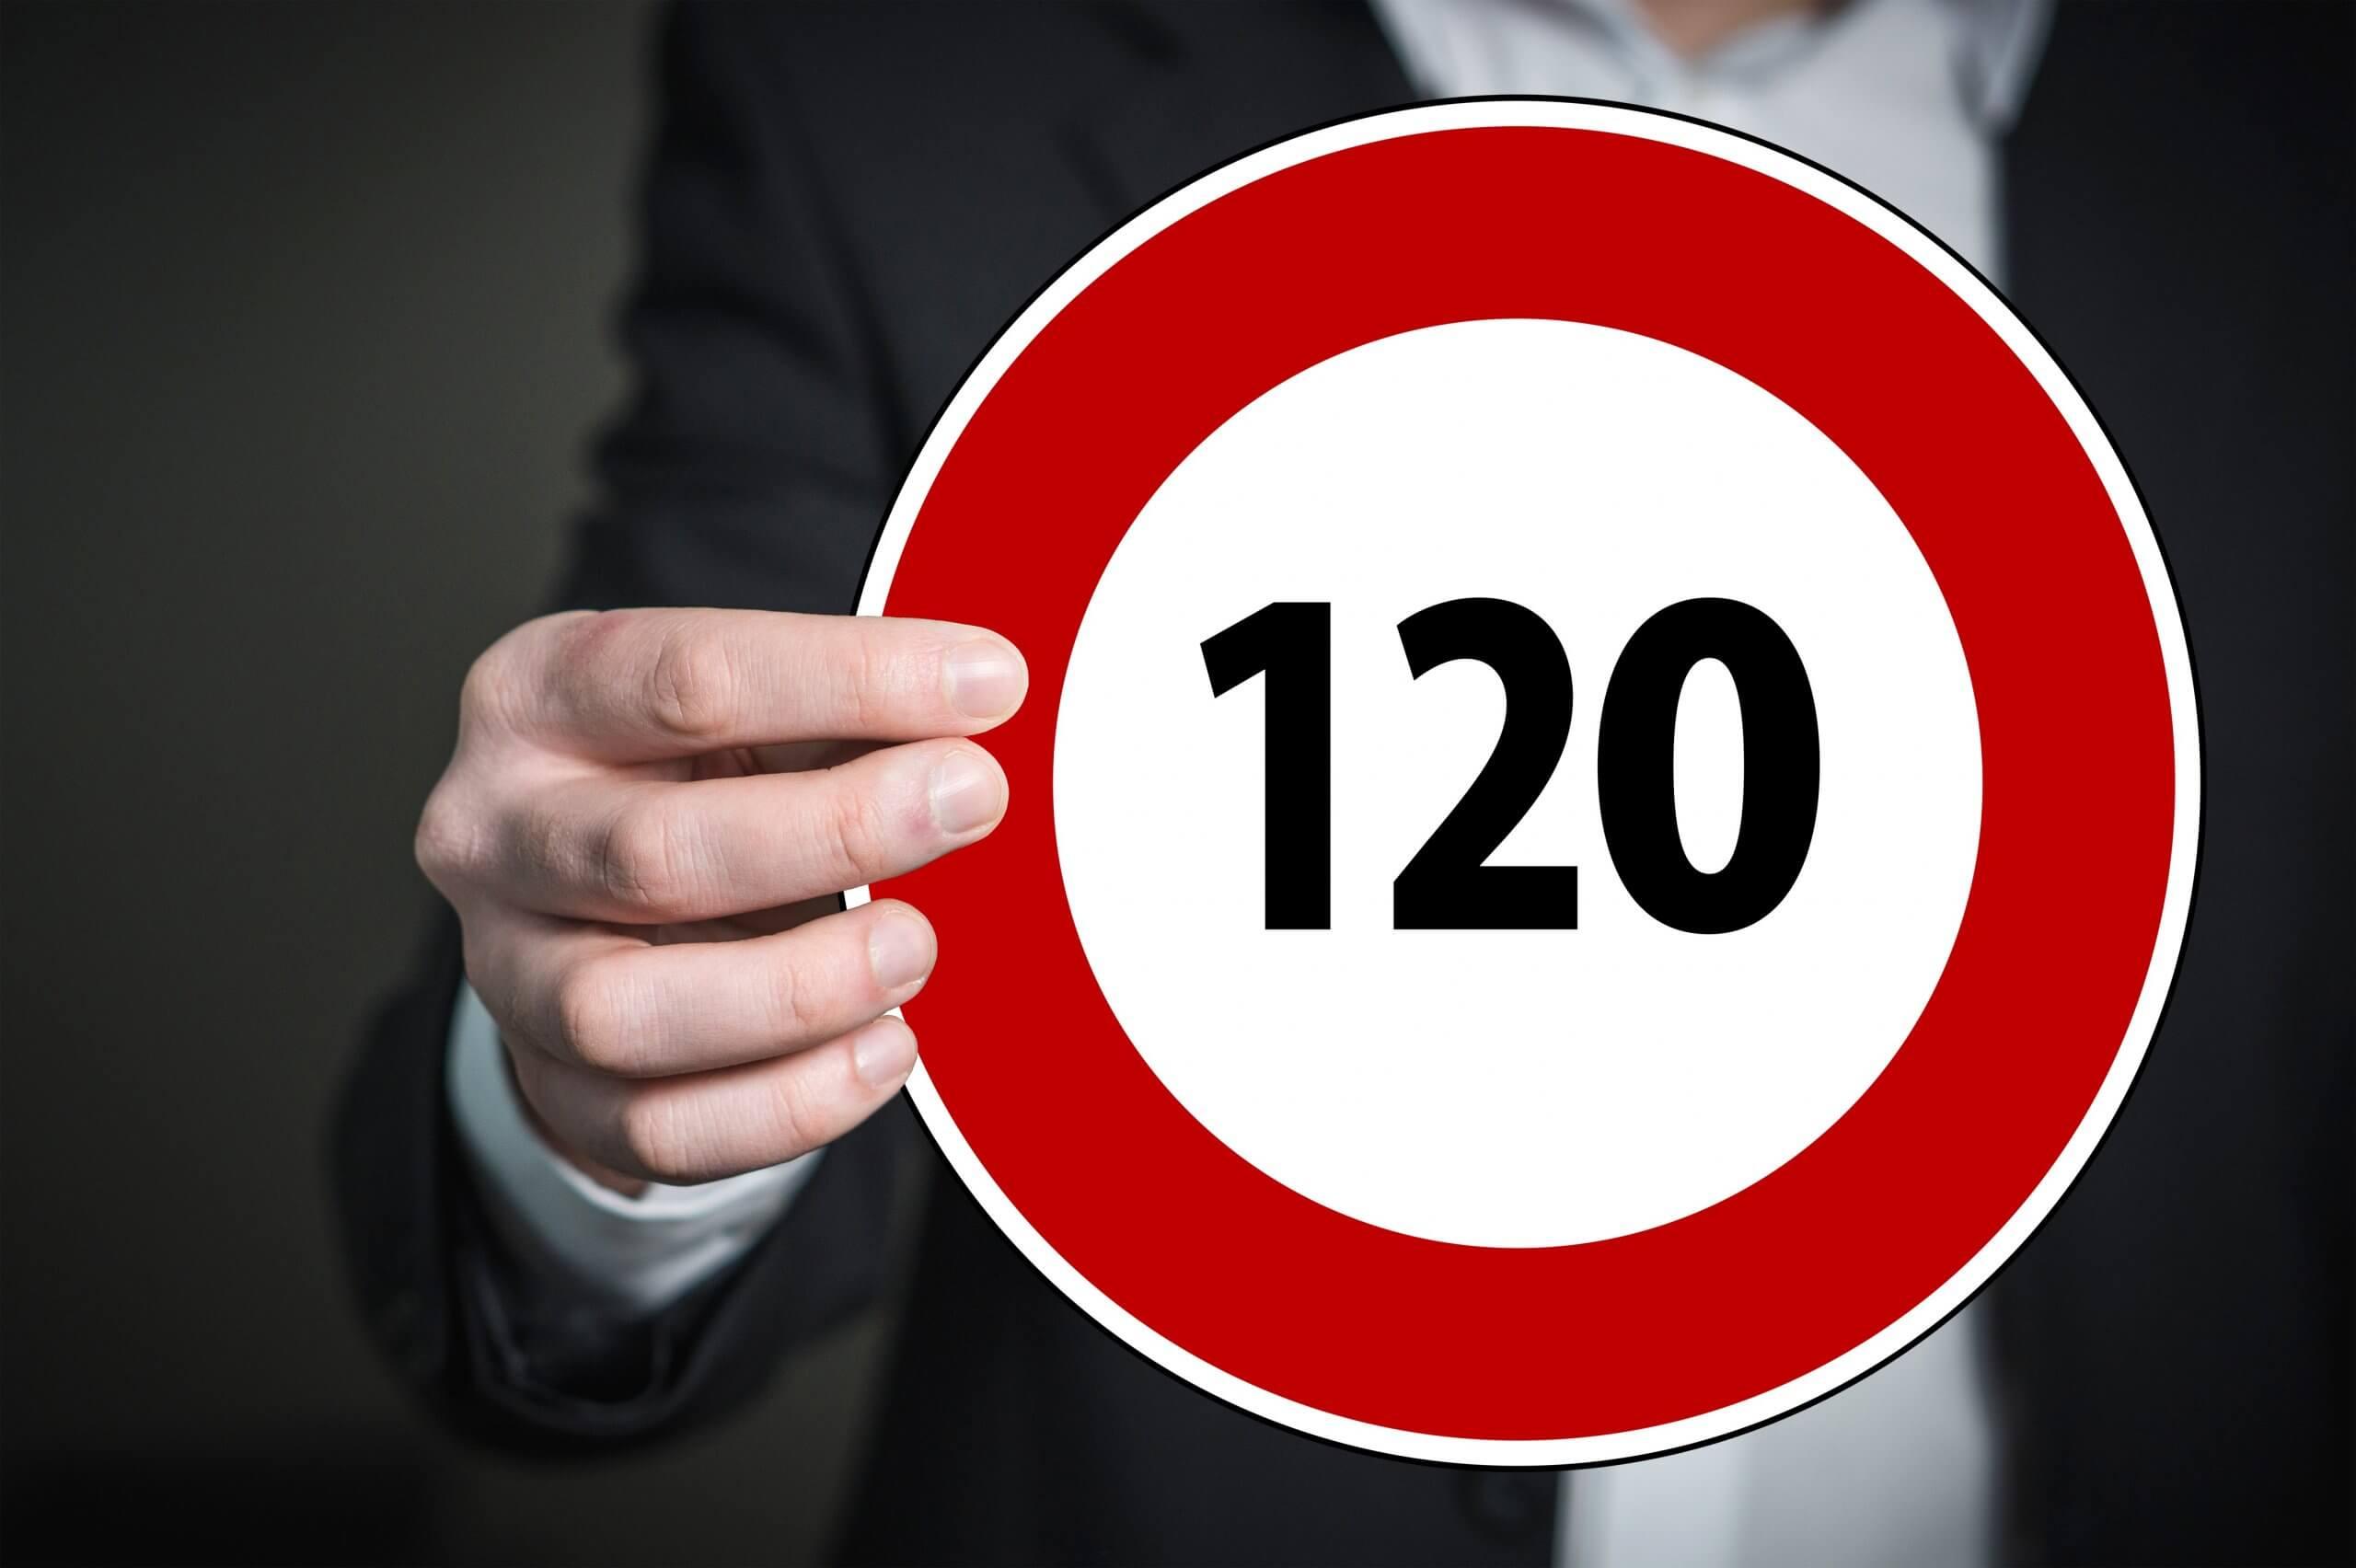 Breites Bündnis fordert ein allgemeines Tempolimit in den ersten 100 Tagen einer neuen Bundesregierung